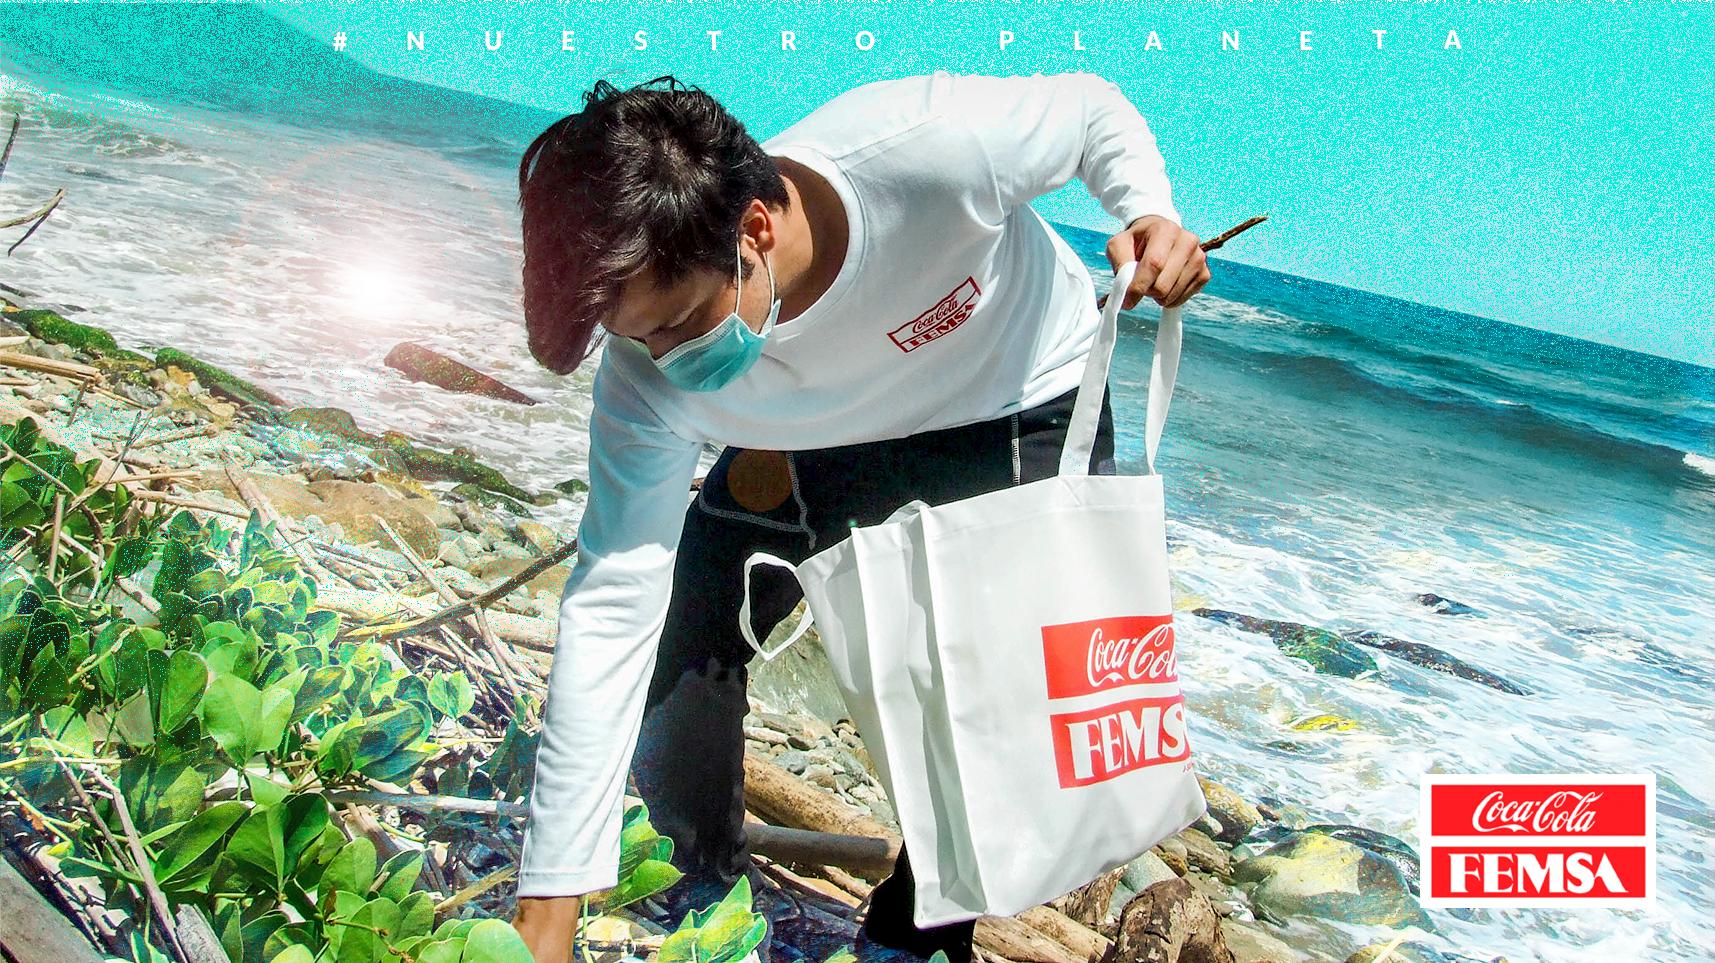 Coca-Cola FEMSA de Venezuela celebra el día mundial de playas con recolección masiva de residuos e instalación de punto ecológico